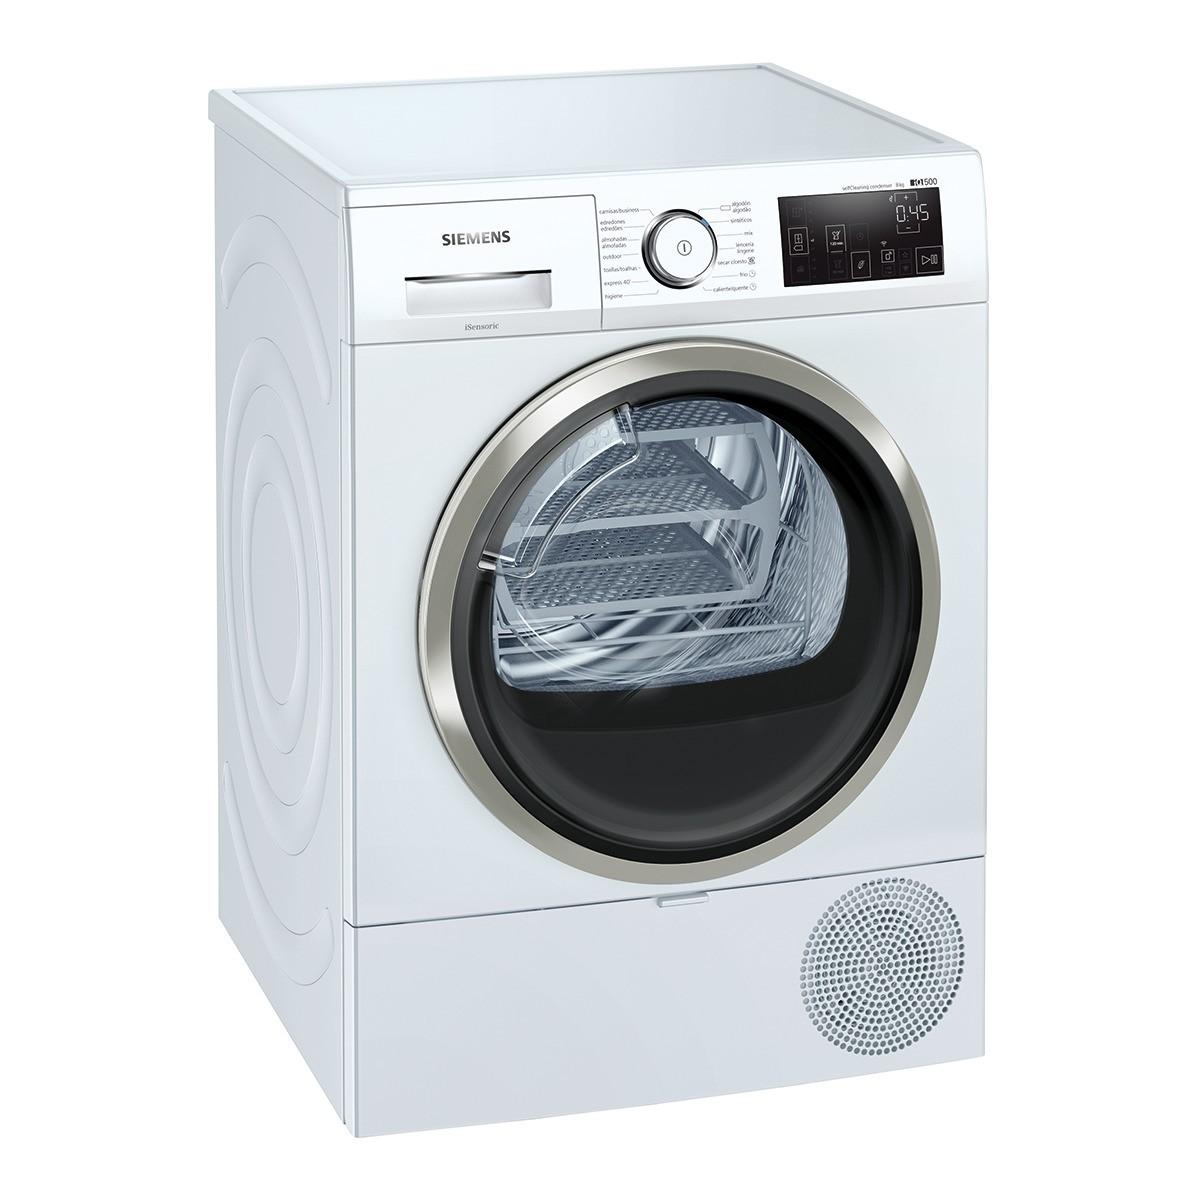 secadora siemens wt47urh1es 8kg blanco